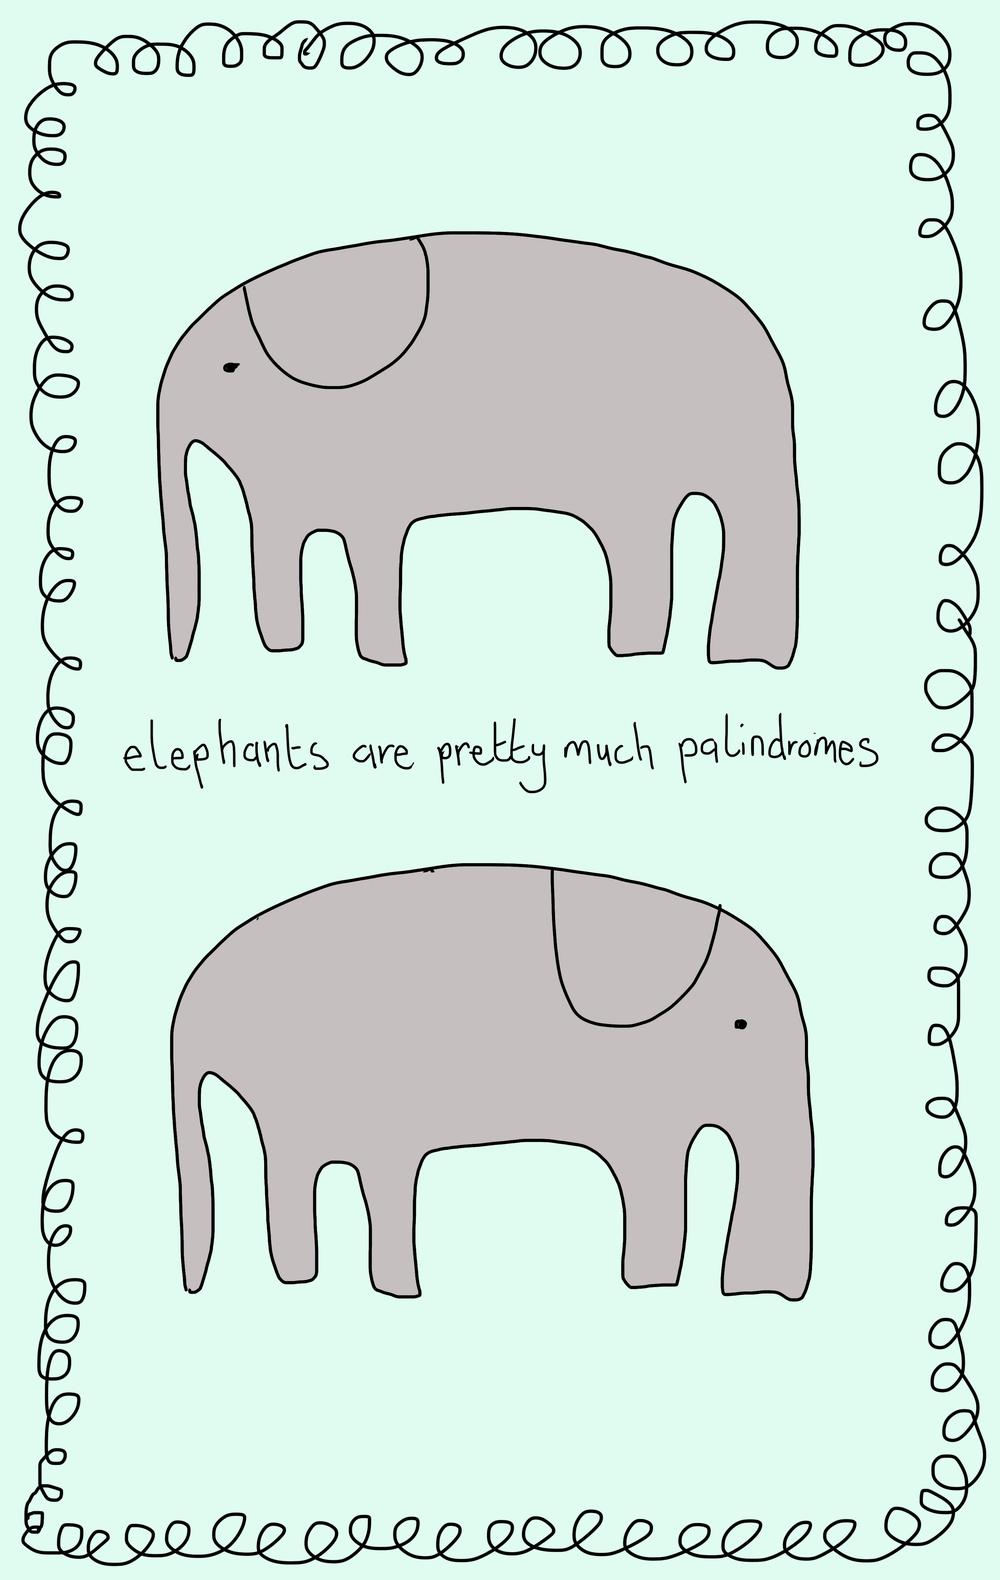 elephants_flat.jpg